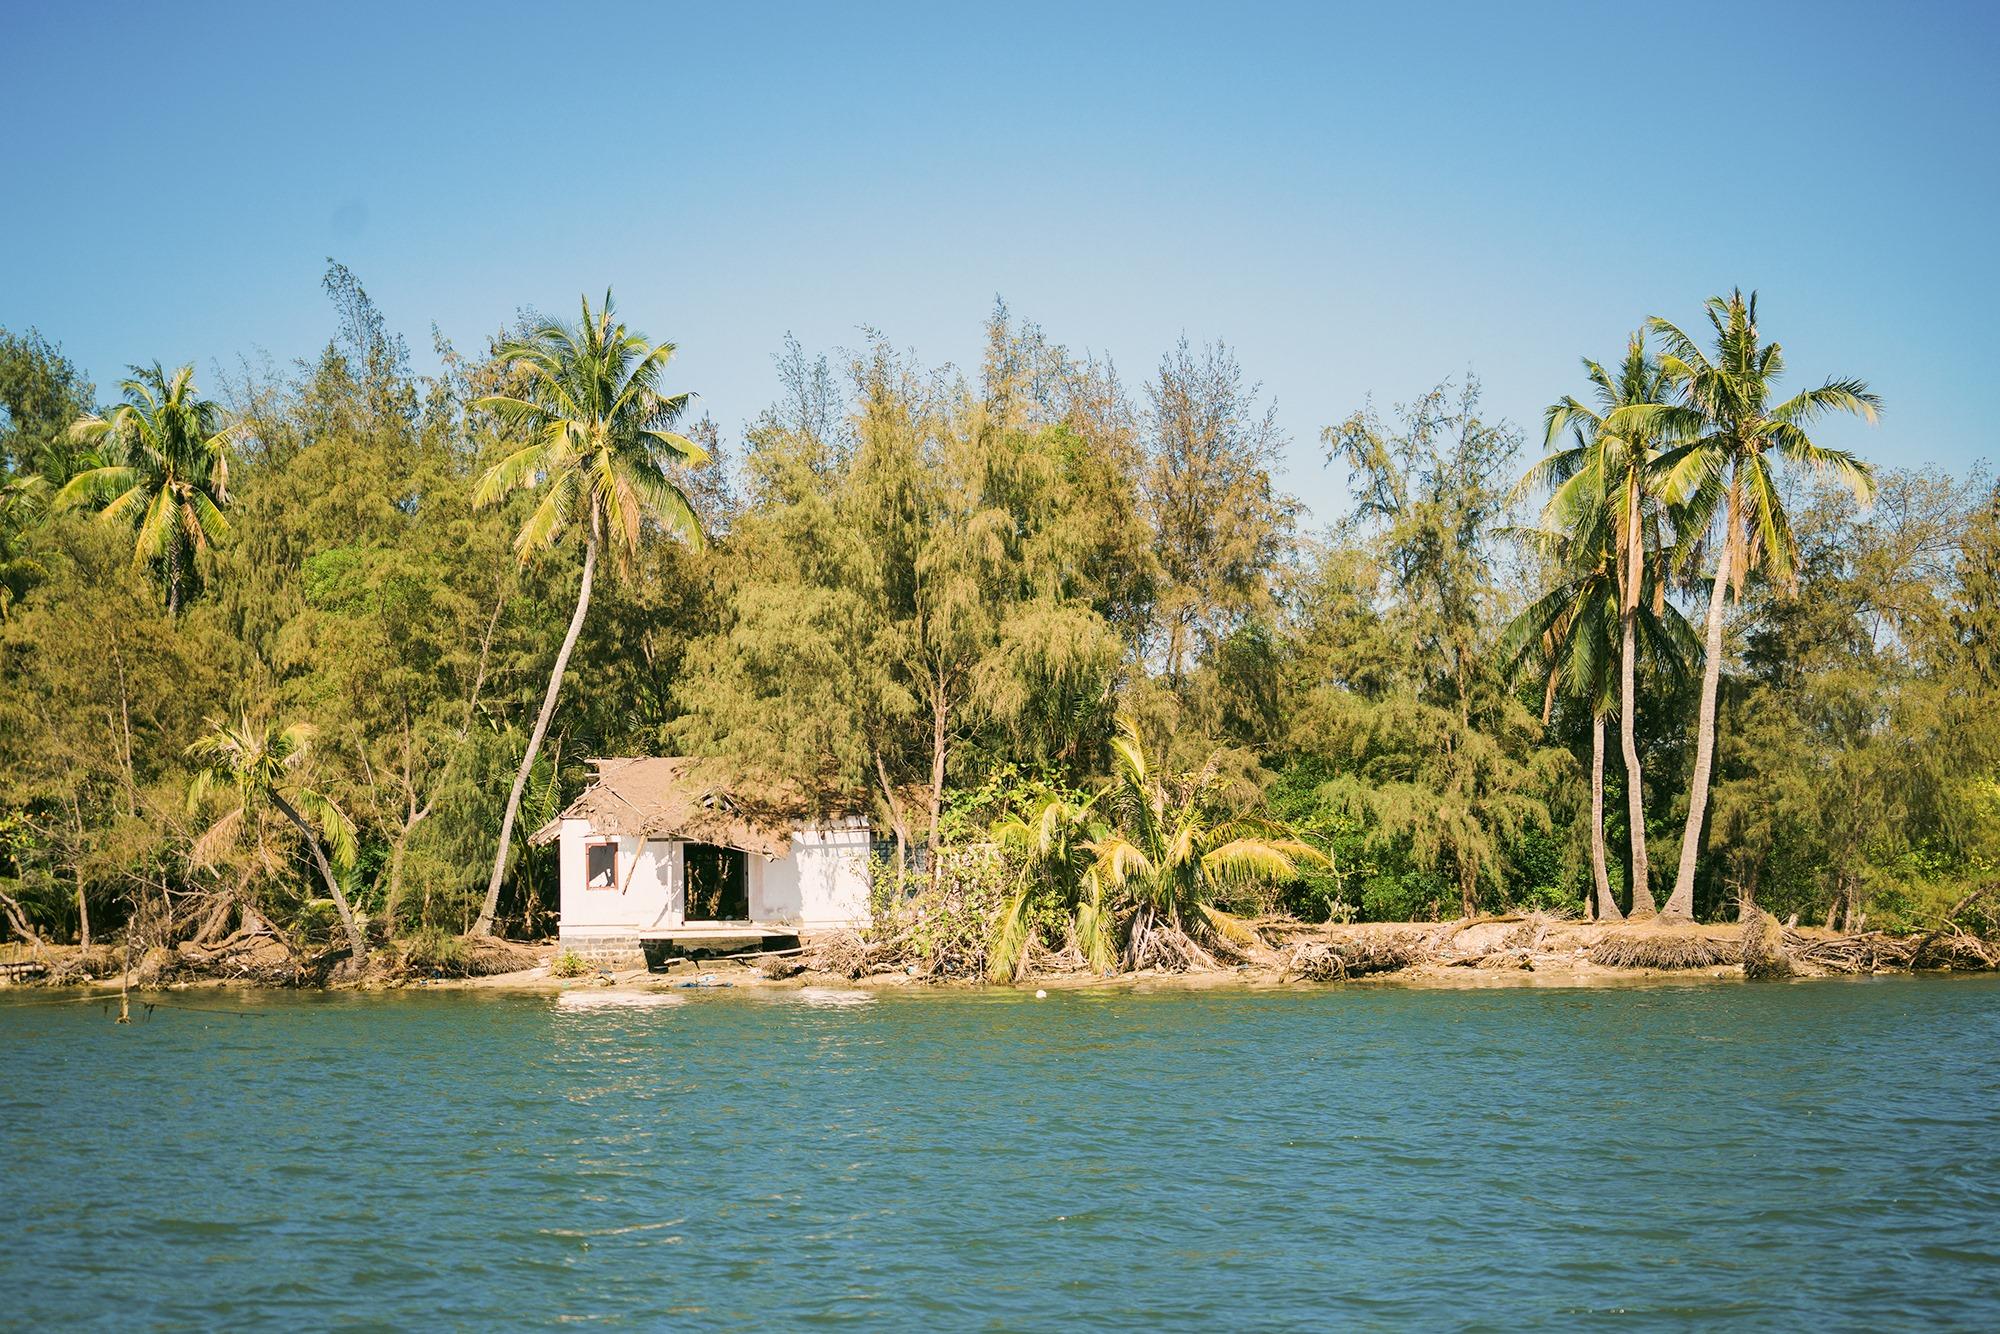 đảo tam hải nguyên sơ cuốn hút đến lạ kỳ